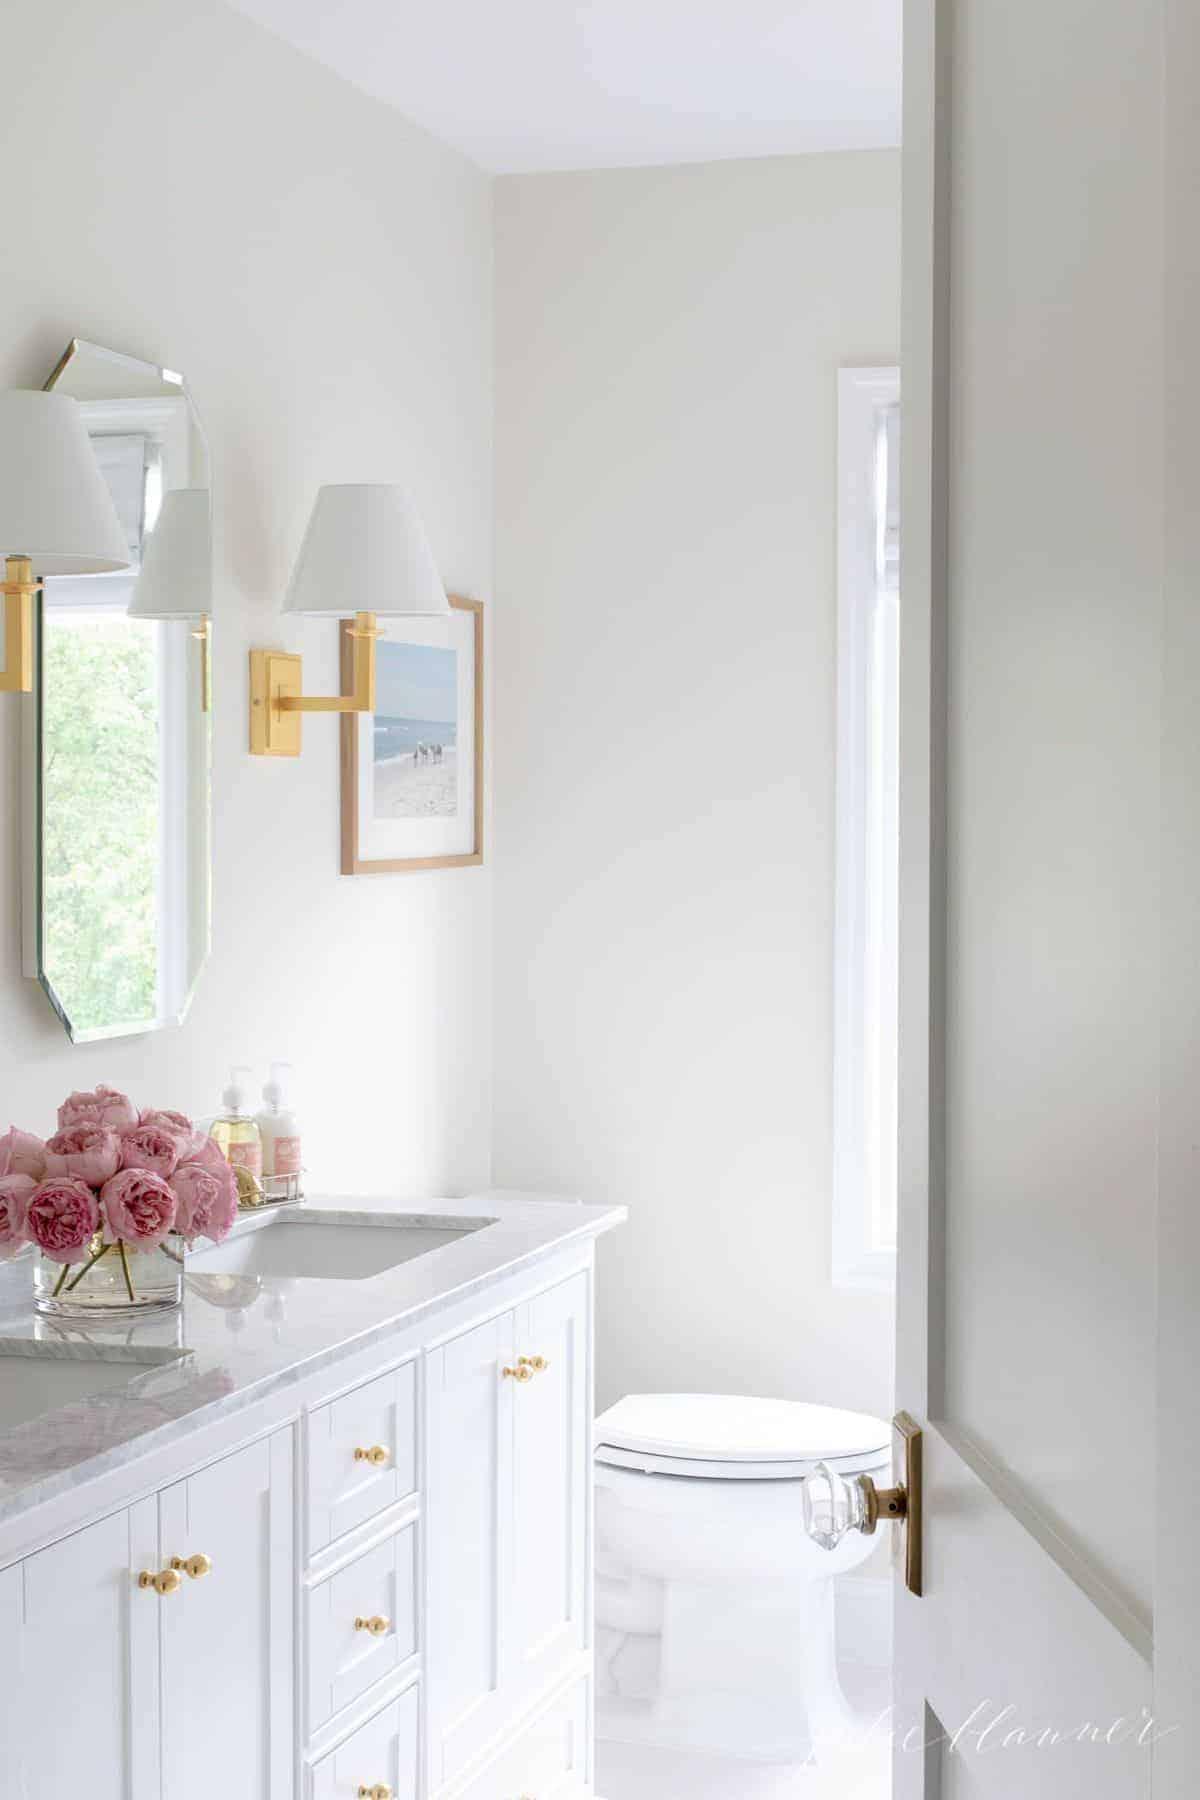 White bathroom with double vanity, white tile floor.